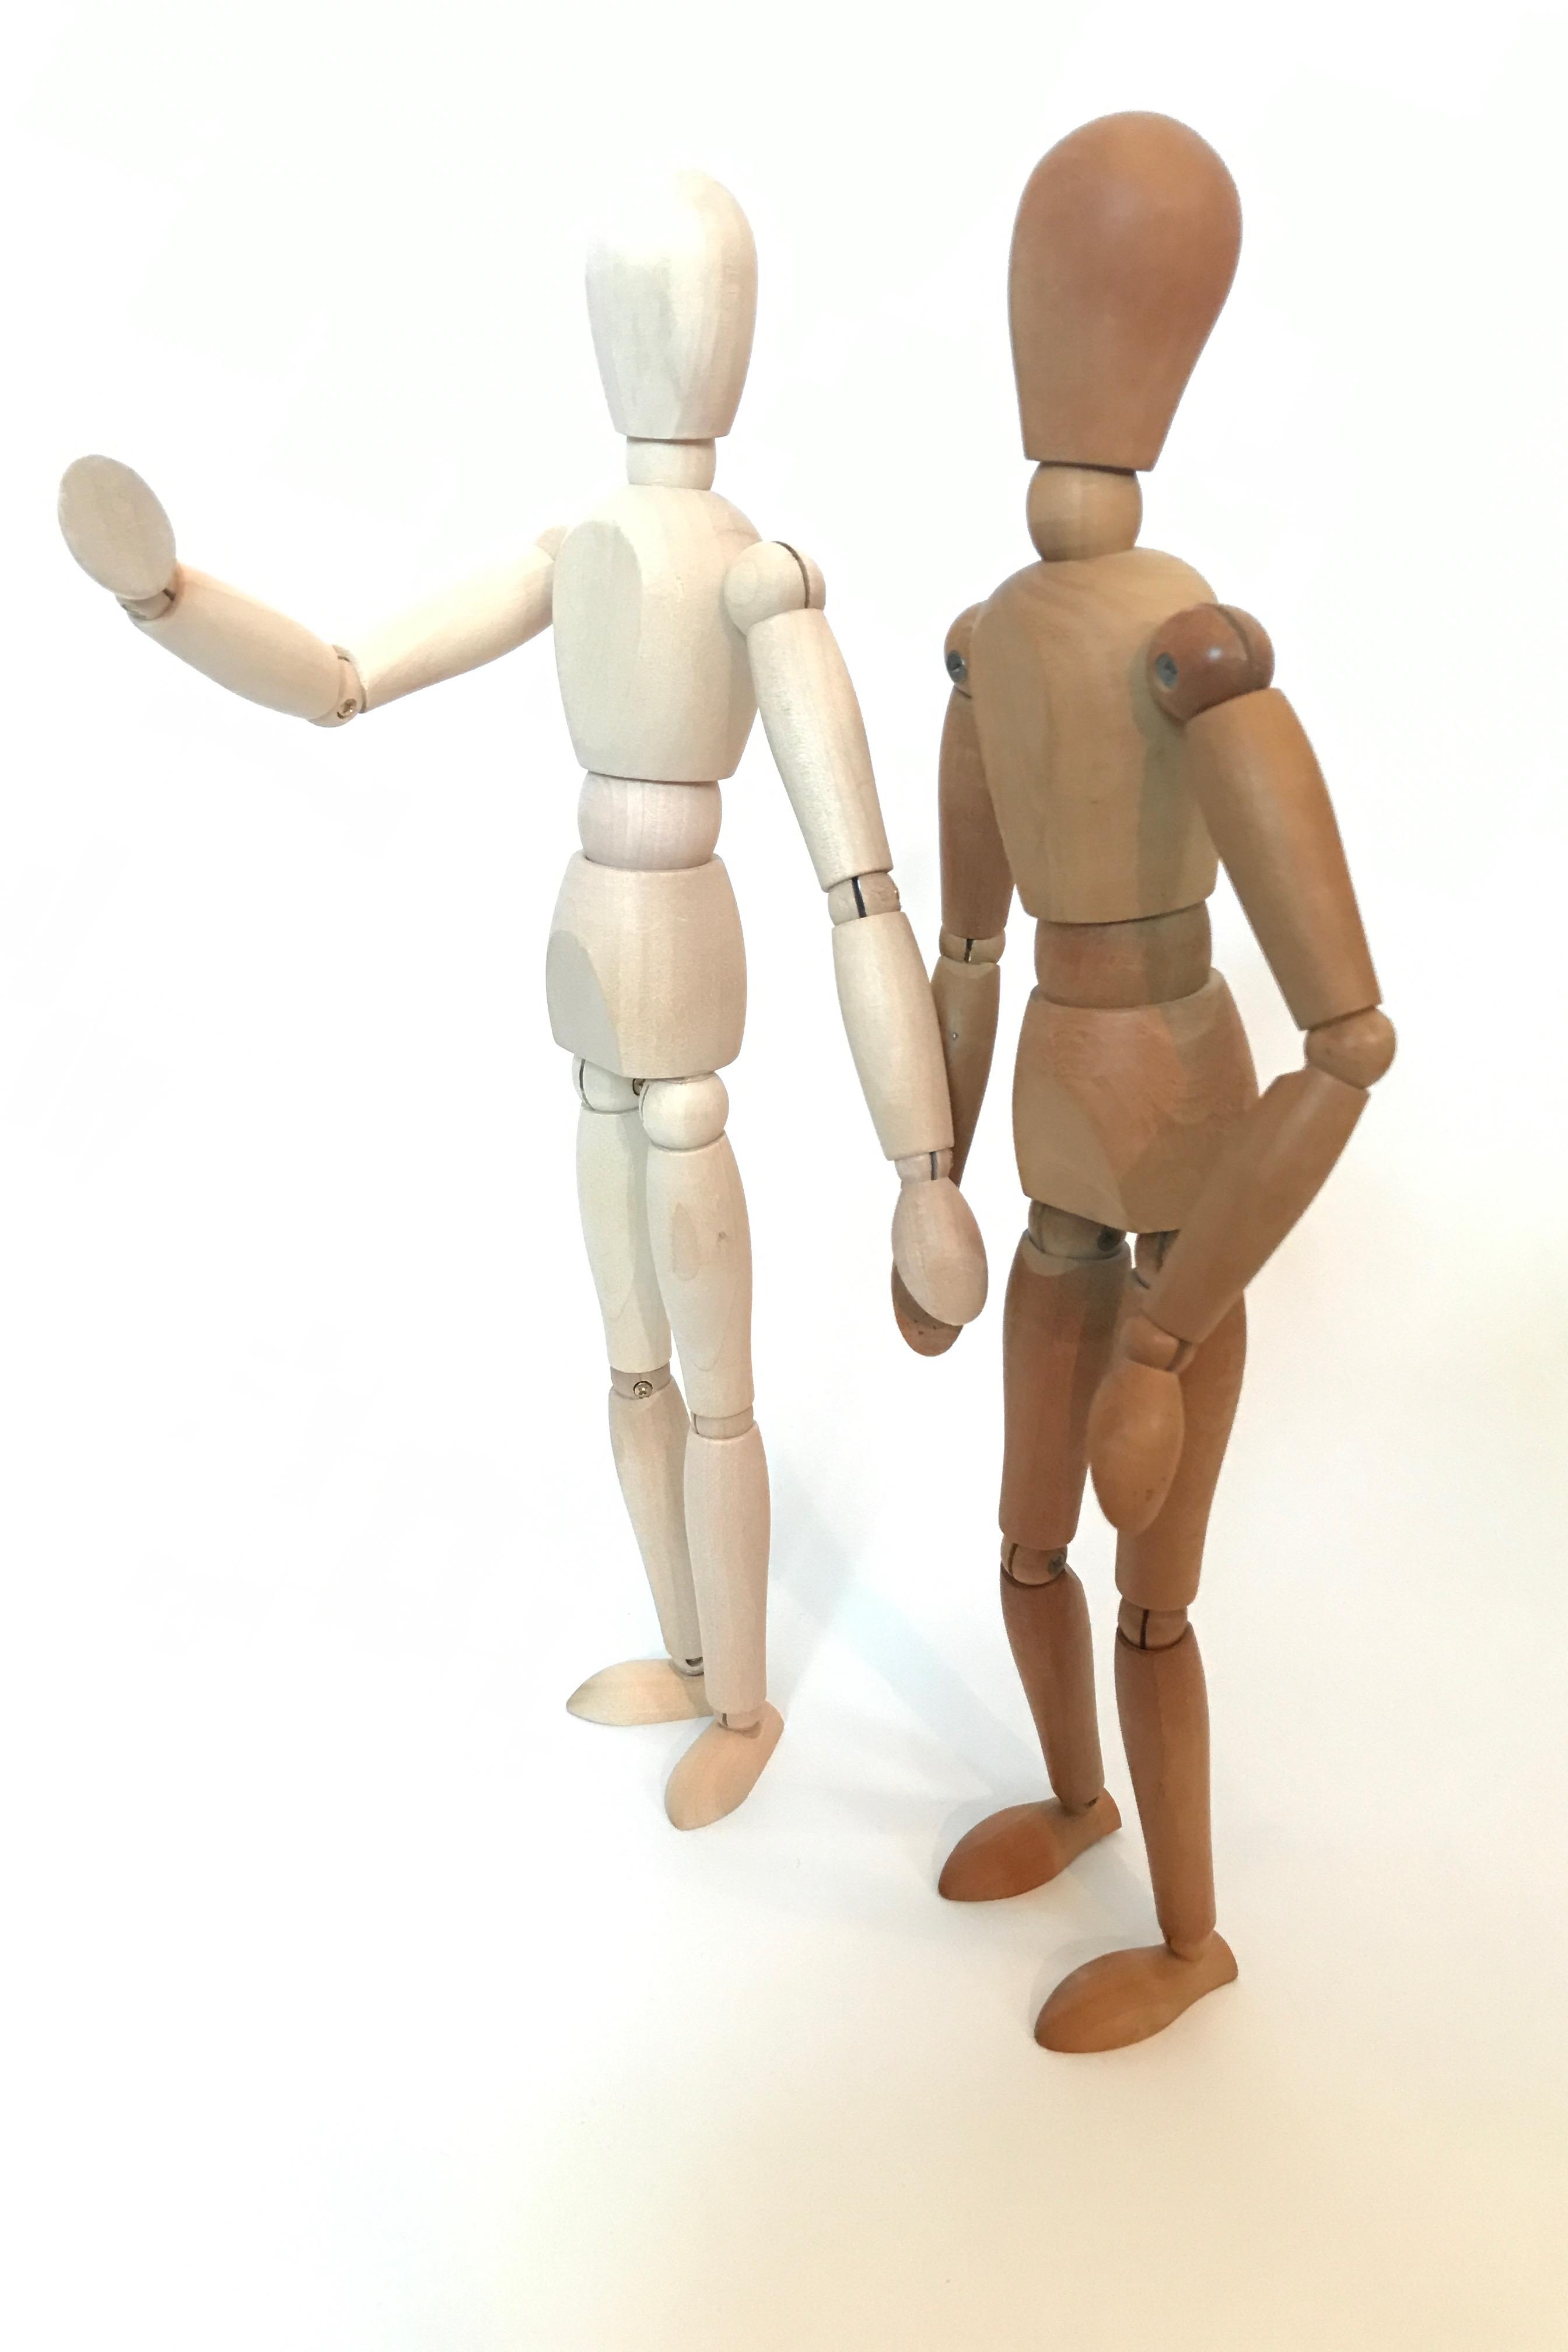 Gesunde Balance: Ich bin dein Sparringspartner bei gut abgegrenzten Themen.